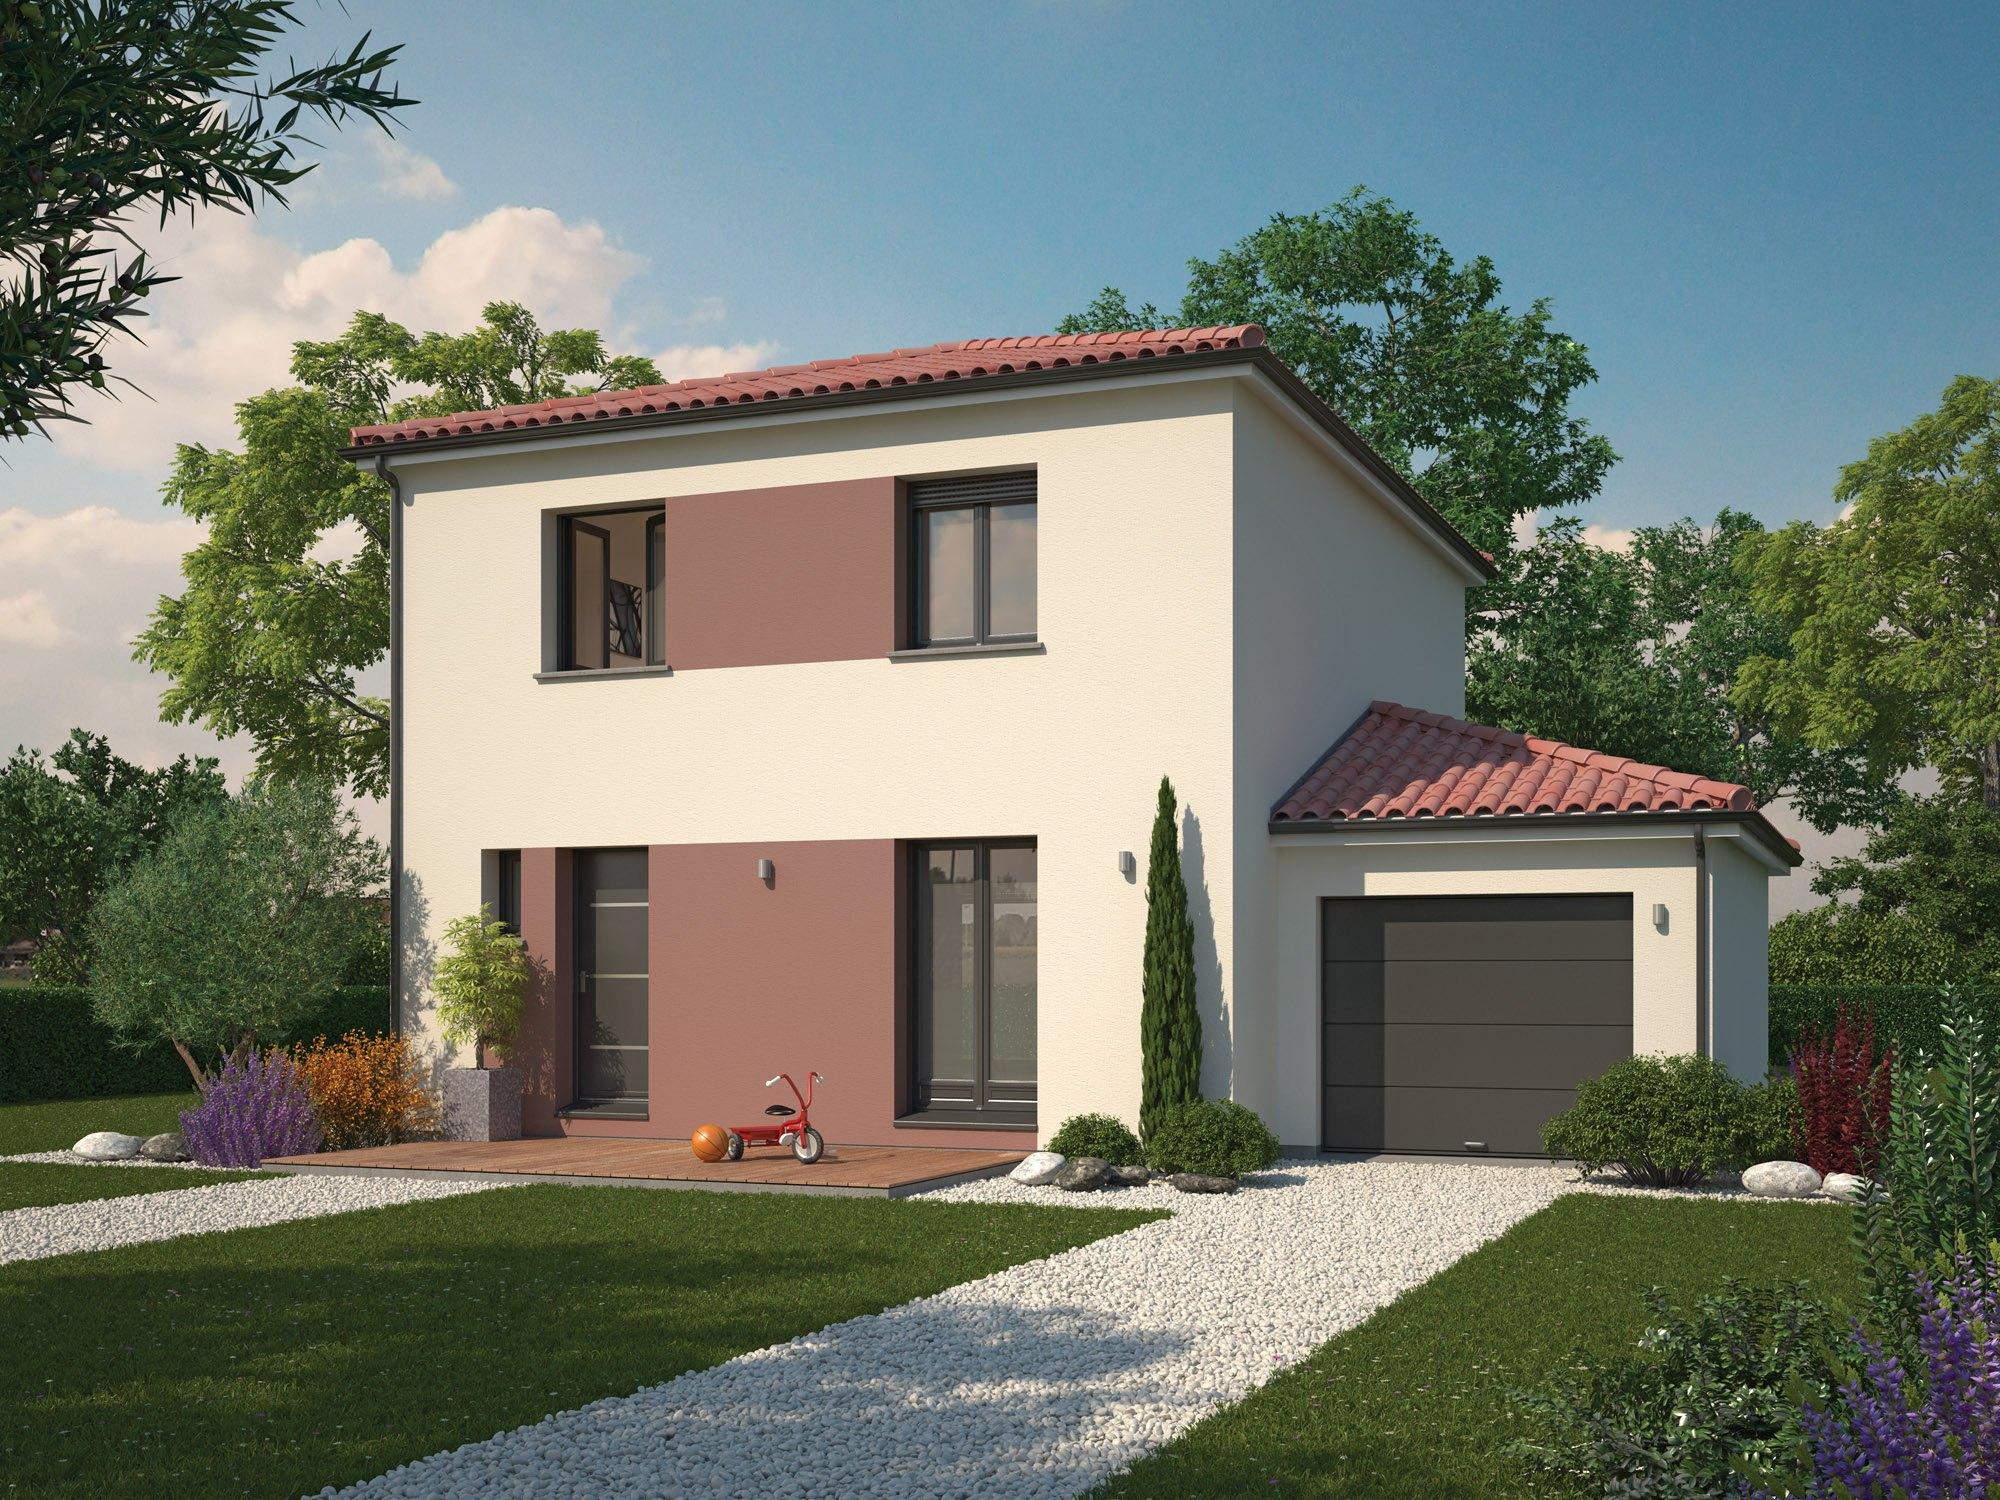 Maisons + Terrains du constructeur Maisons familiales Échirolles • 90 m² • NOTRE DAME DE MESAGE